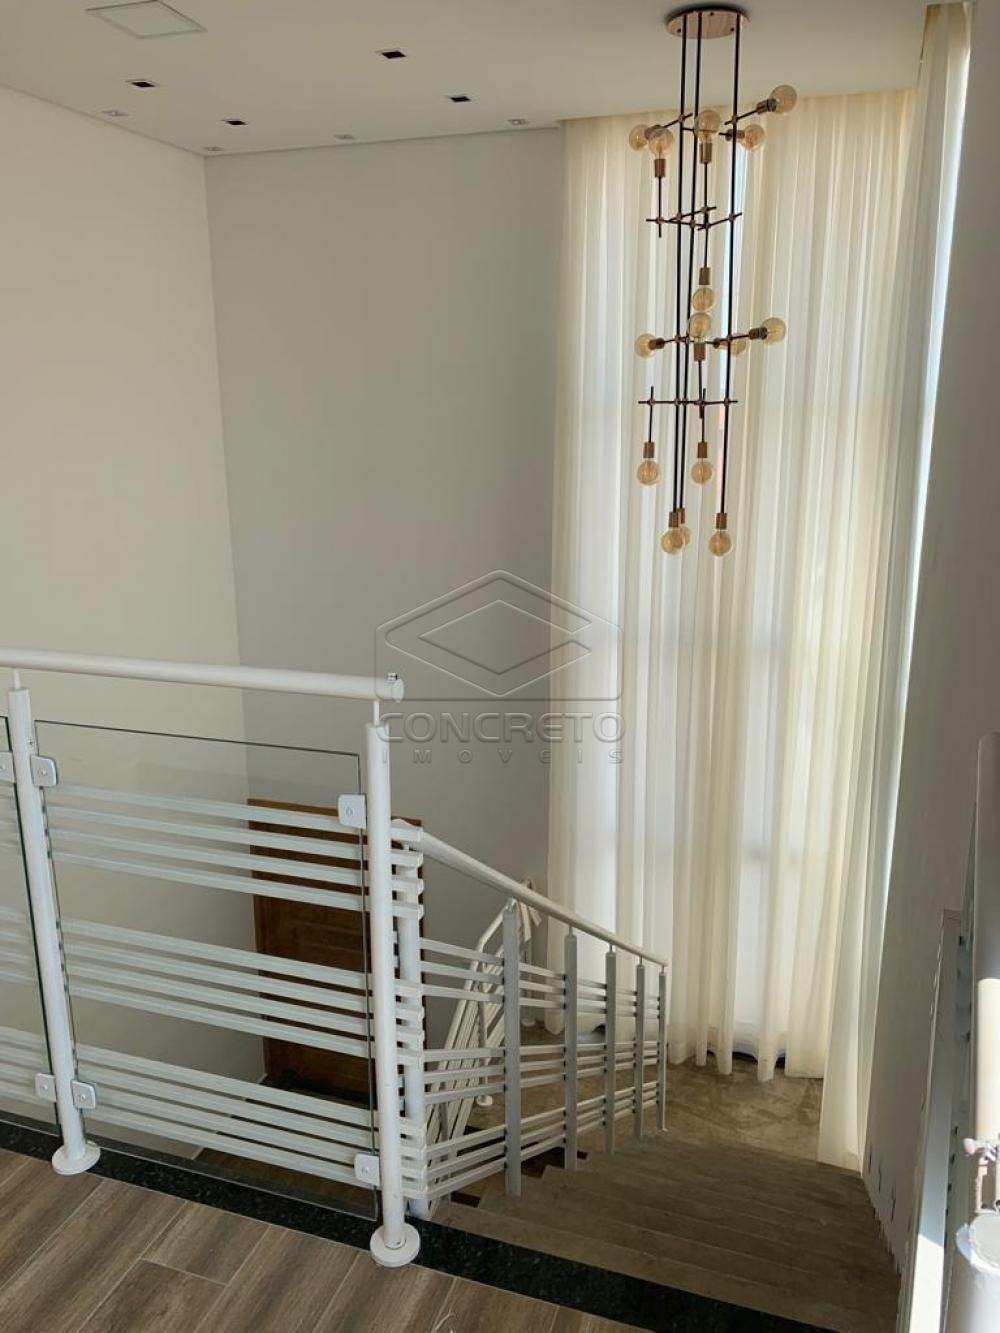 Comprar Casa / Padrão em Sao Manuel apenas R$ 650.000,00 - Foto 119